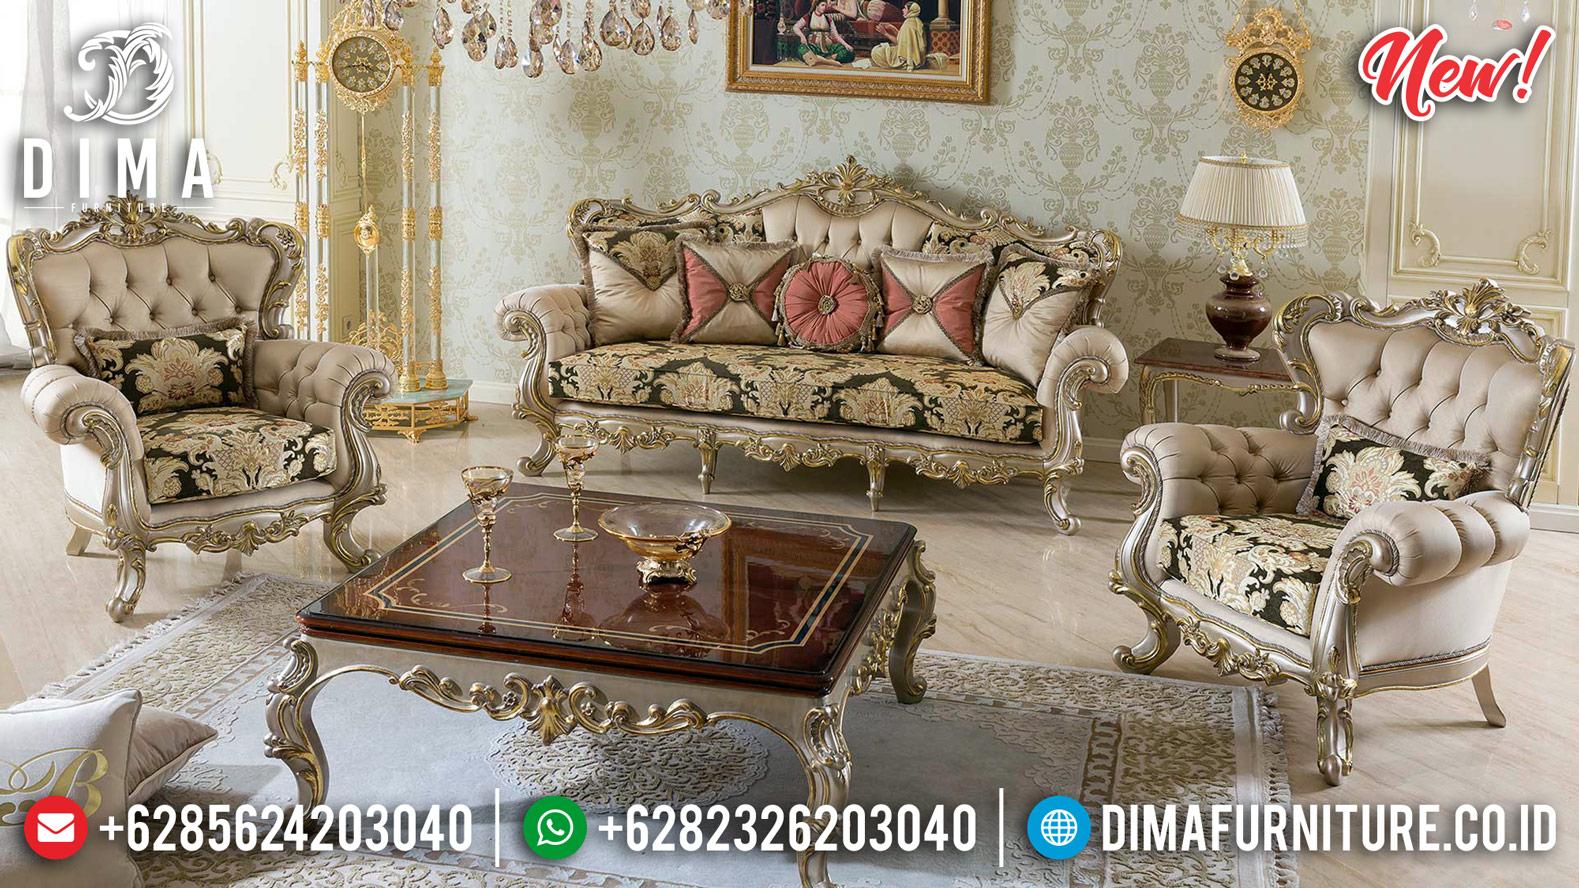 New Milano Set Kursi Sofa Tamu Mewah Jepara Silver Gold Duco DF-1250